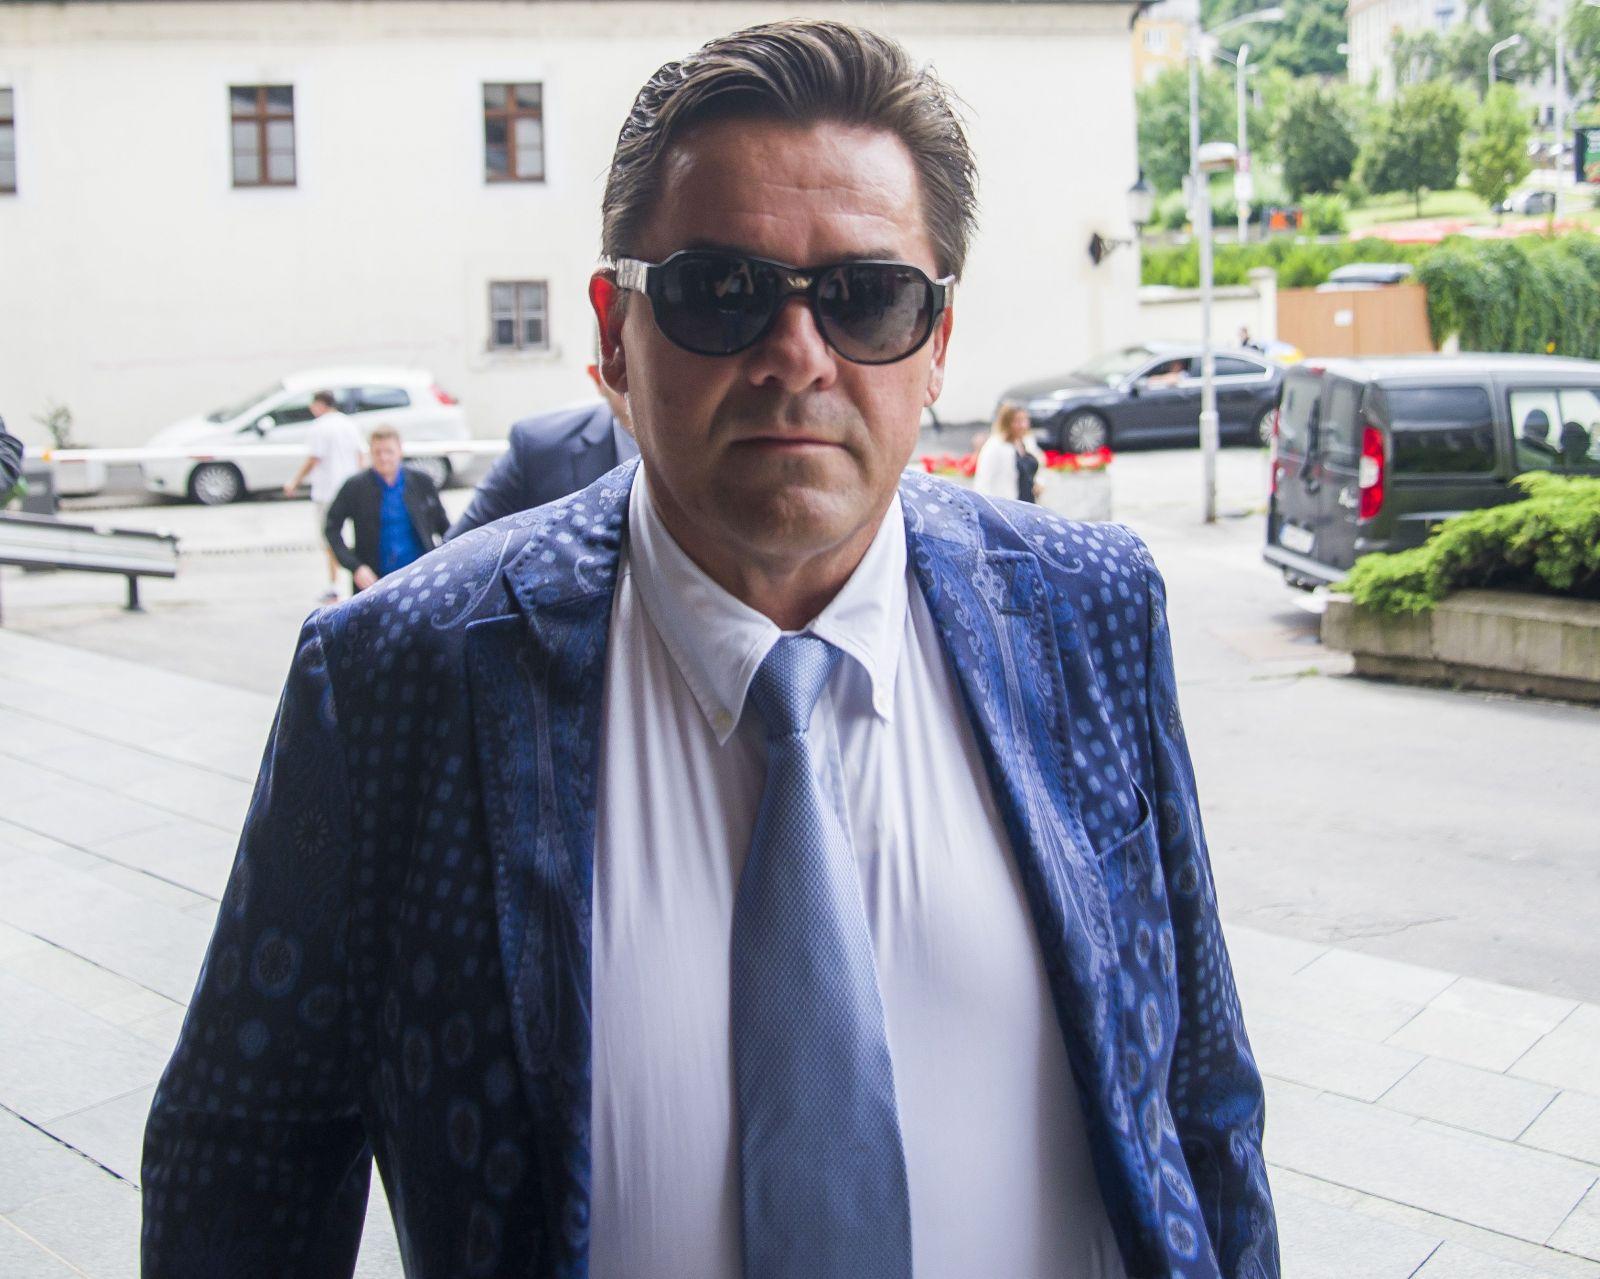 5 dôležitých informácií, ktoré vyplývajú z nahrávky telefonátu medzi Marianom Kočnerom a generálnym prokurátorom Trnkom